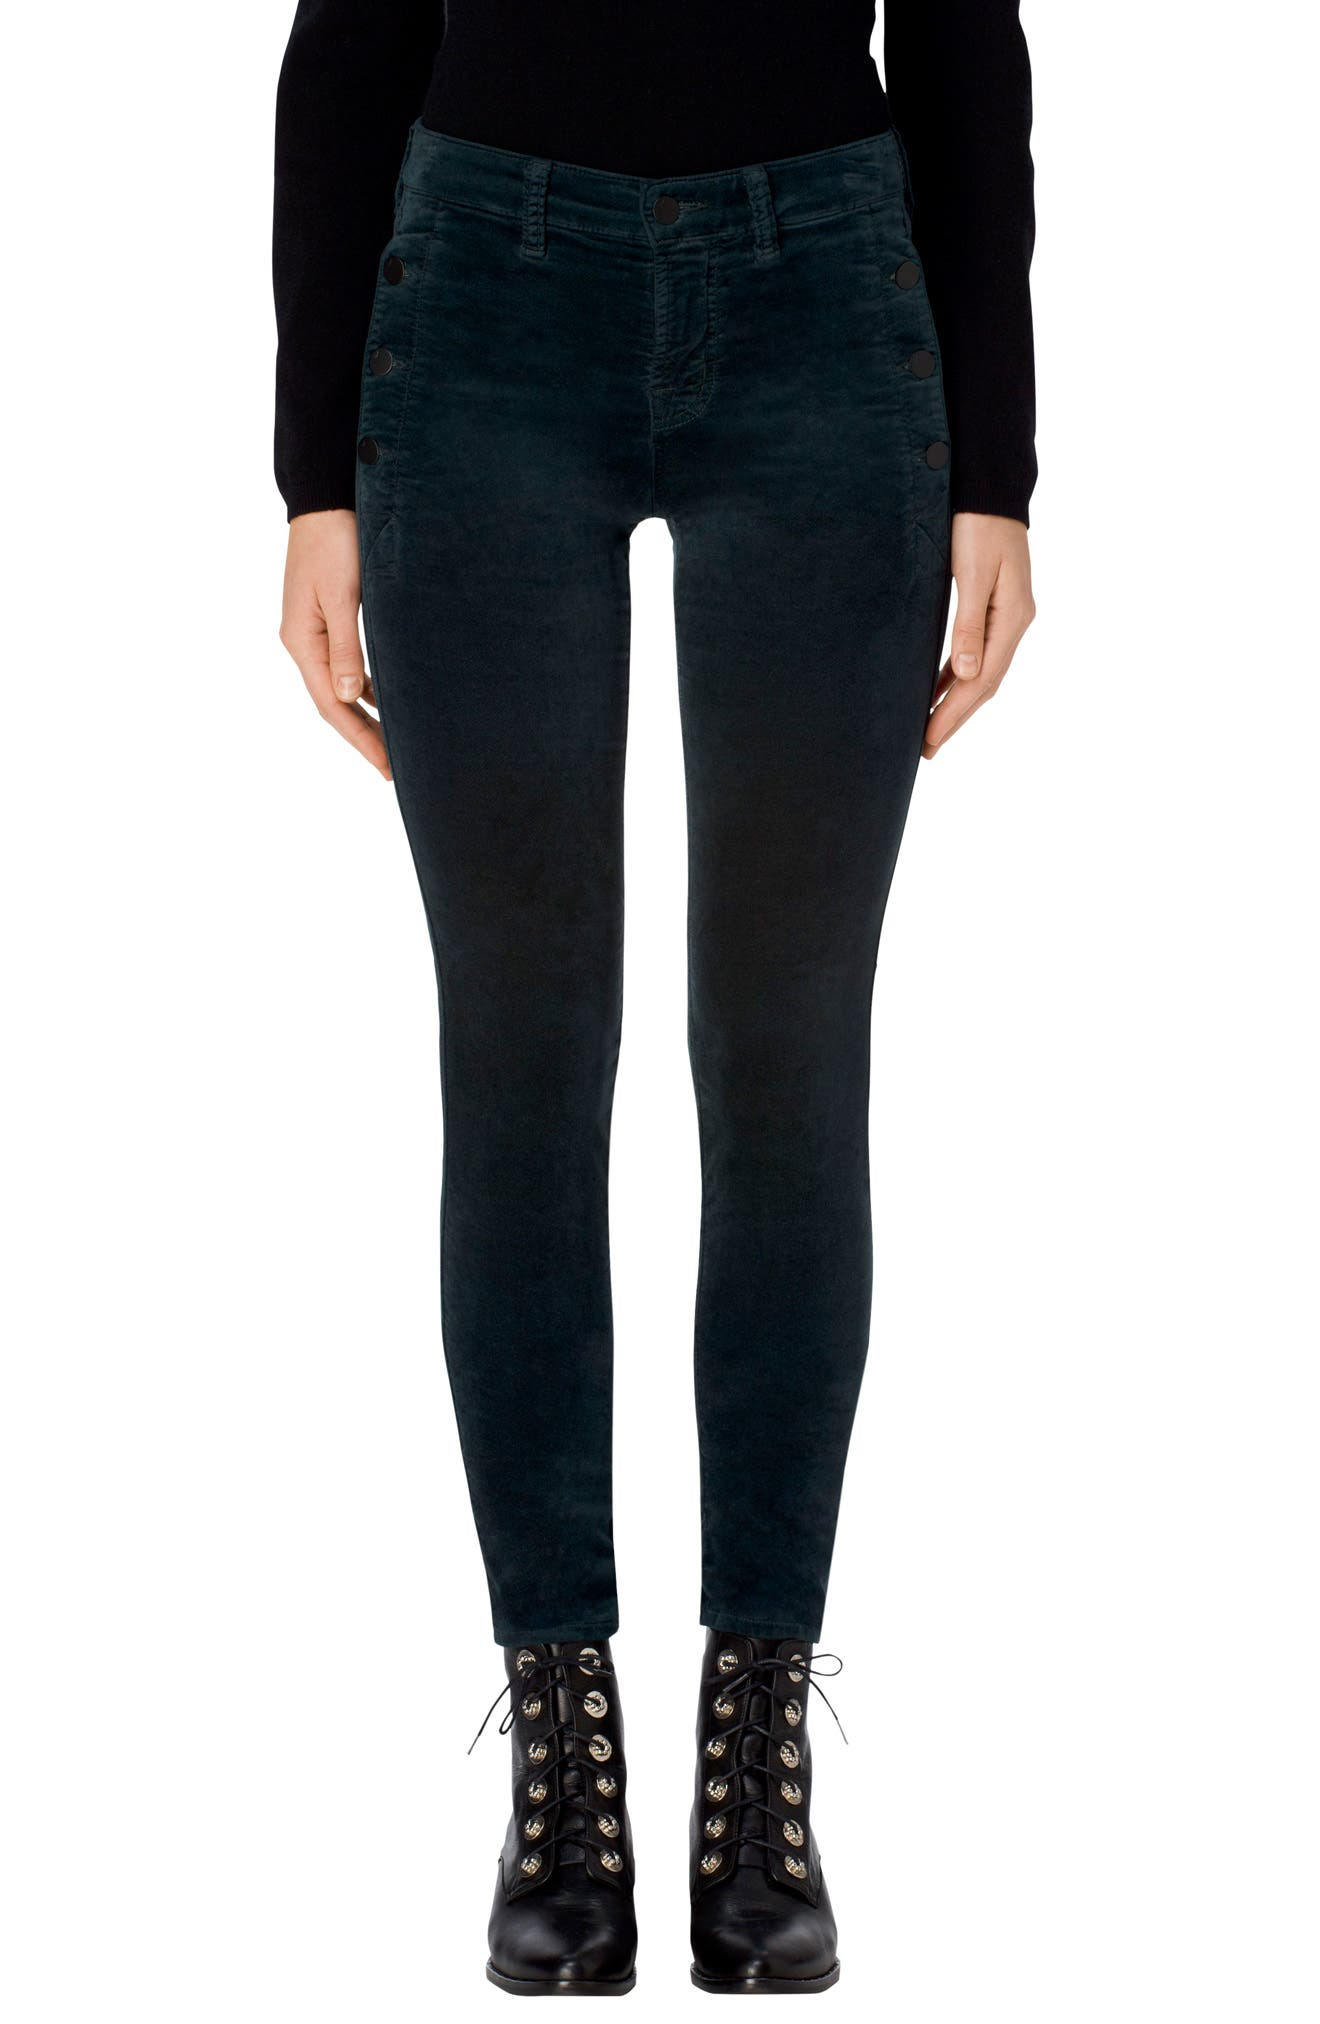 Alternate Image 1 Selected - J Brand Zion Mid Rise Velvet Skinny Jeans